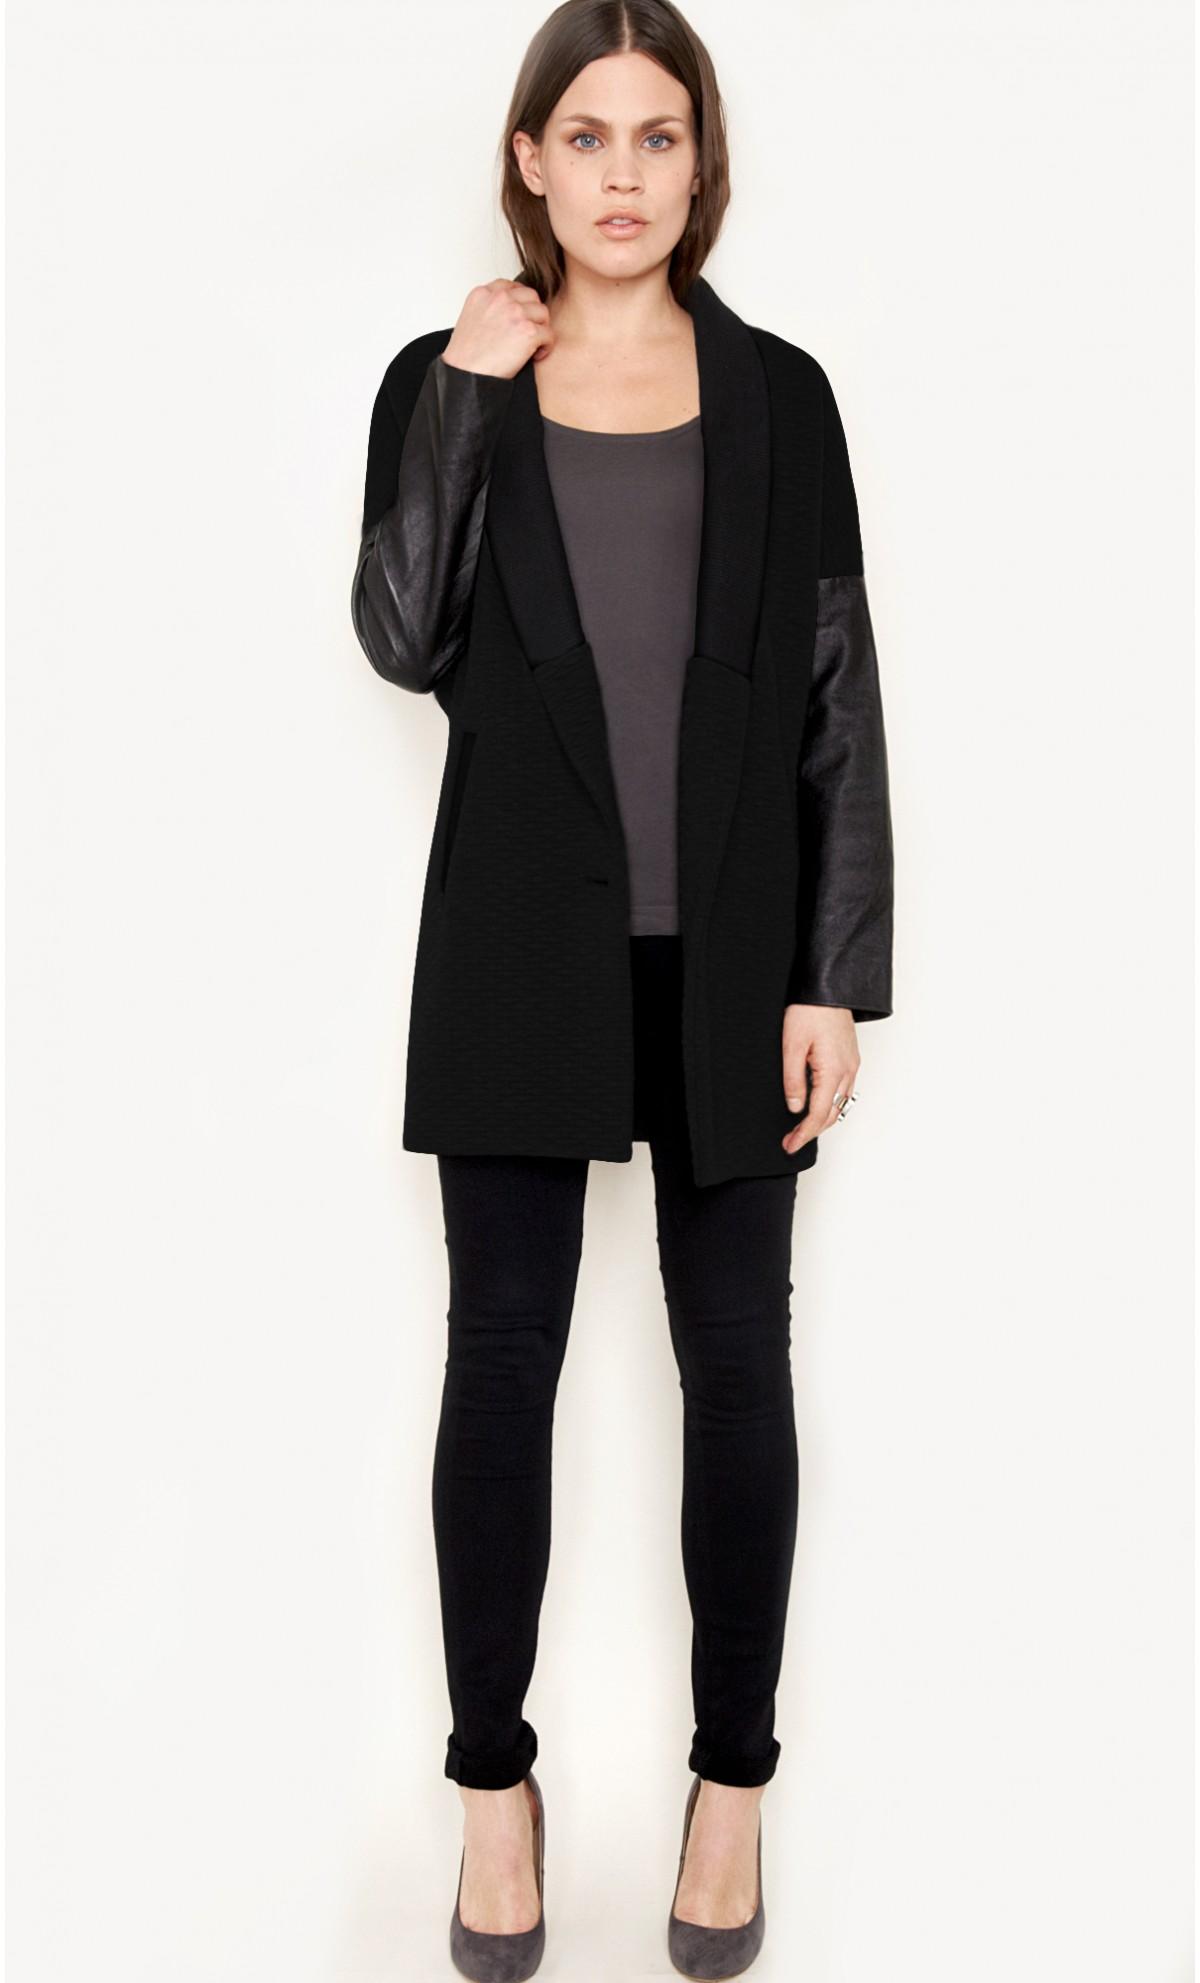 gilet veste femme un bon compromis garder sous la main. Black Bedroom Furniture Sets. Home Design Ideas